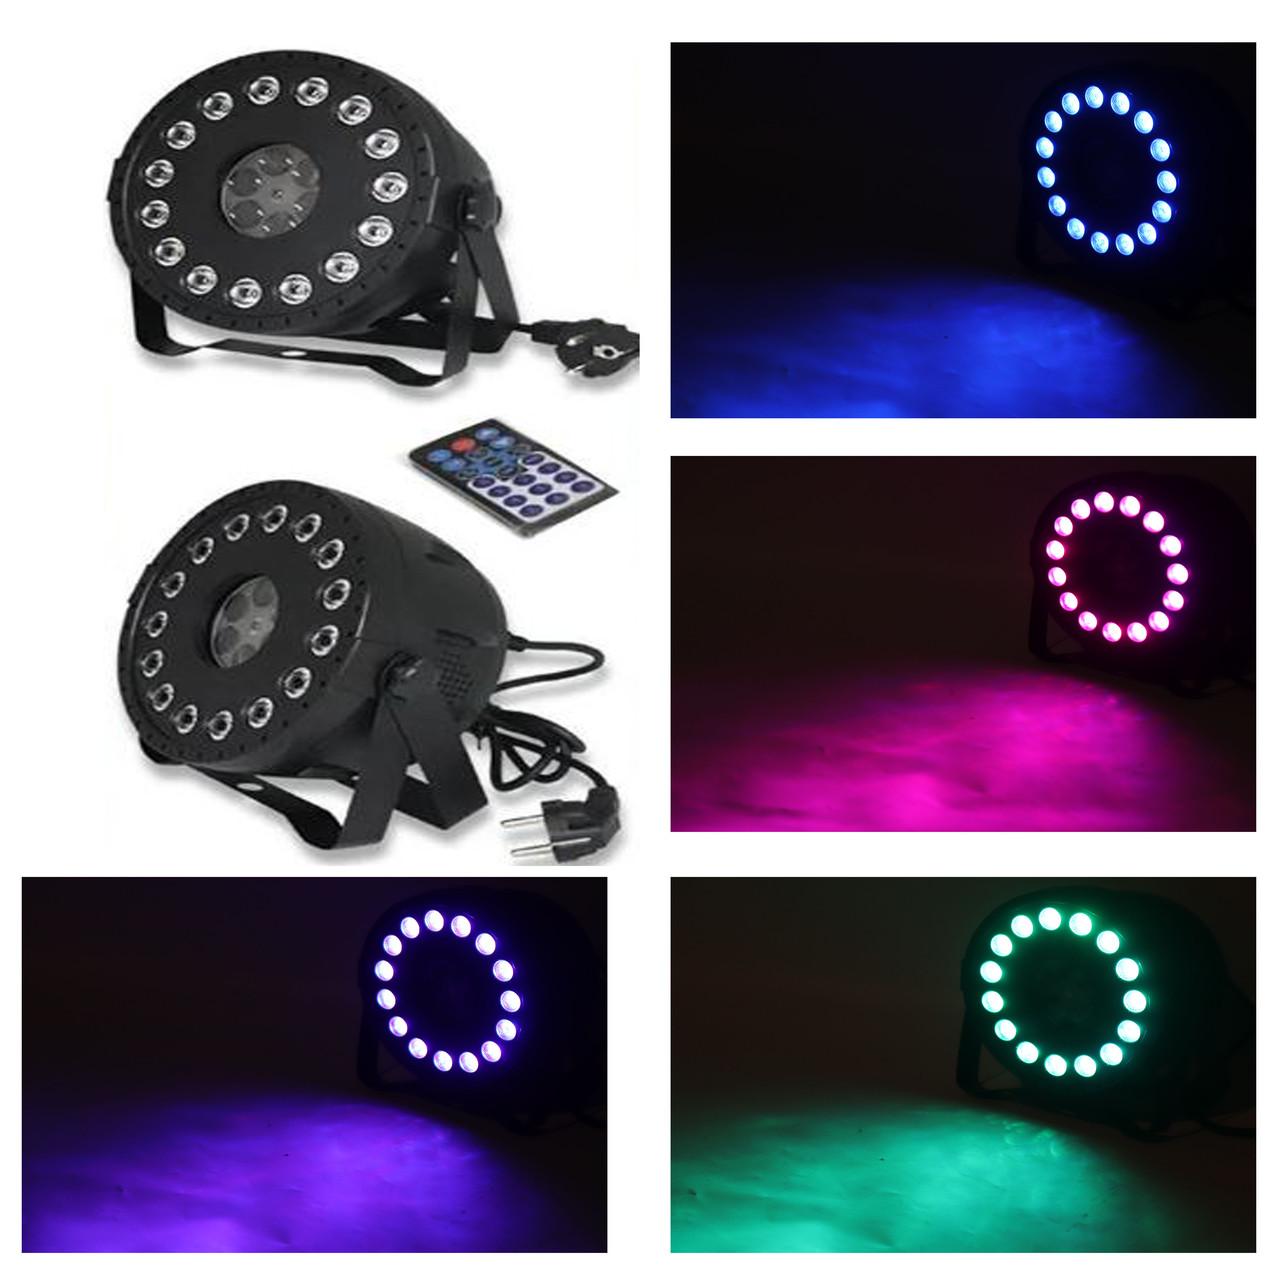 Комбо световой прибор 2в1 LED Par + Gobo с пультом ДУ